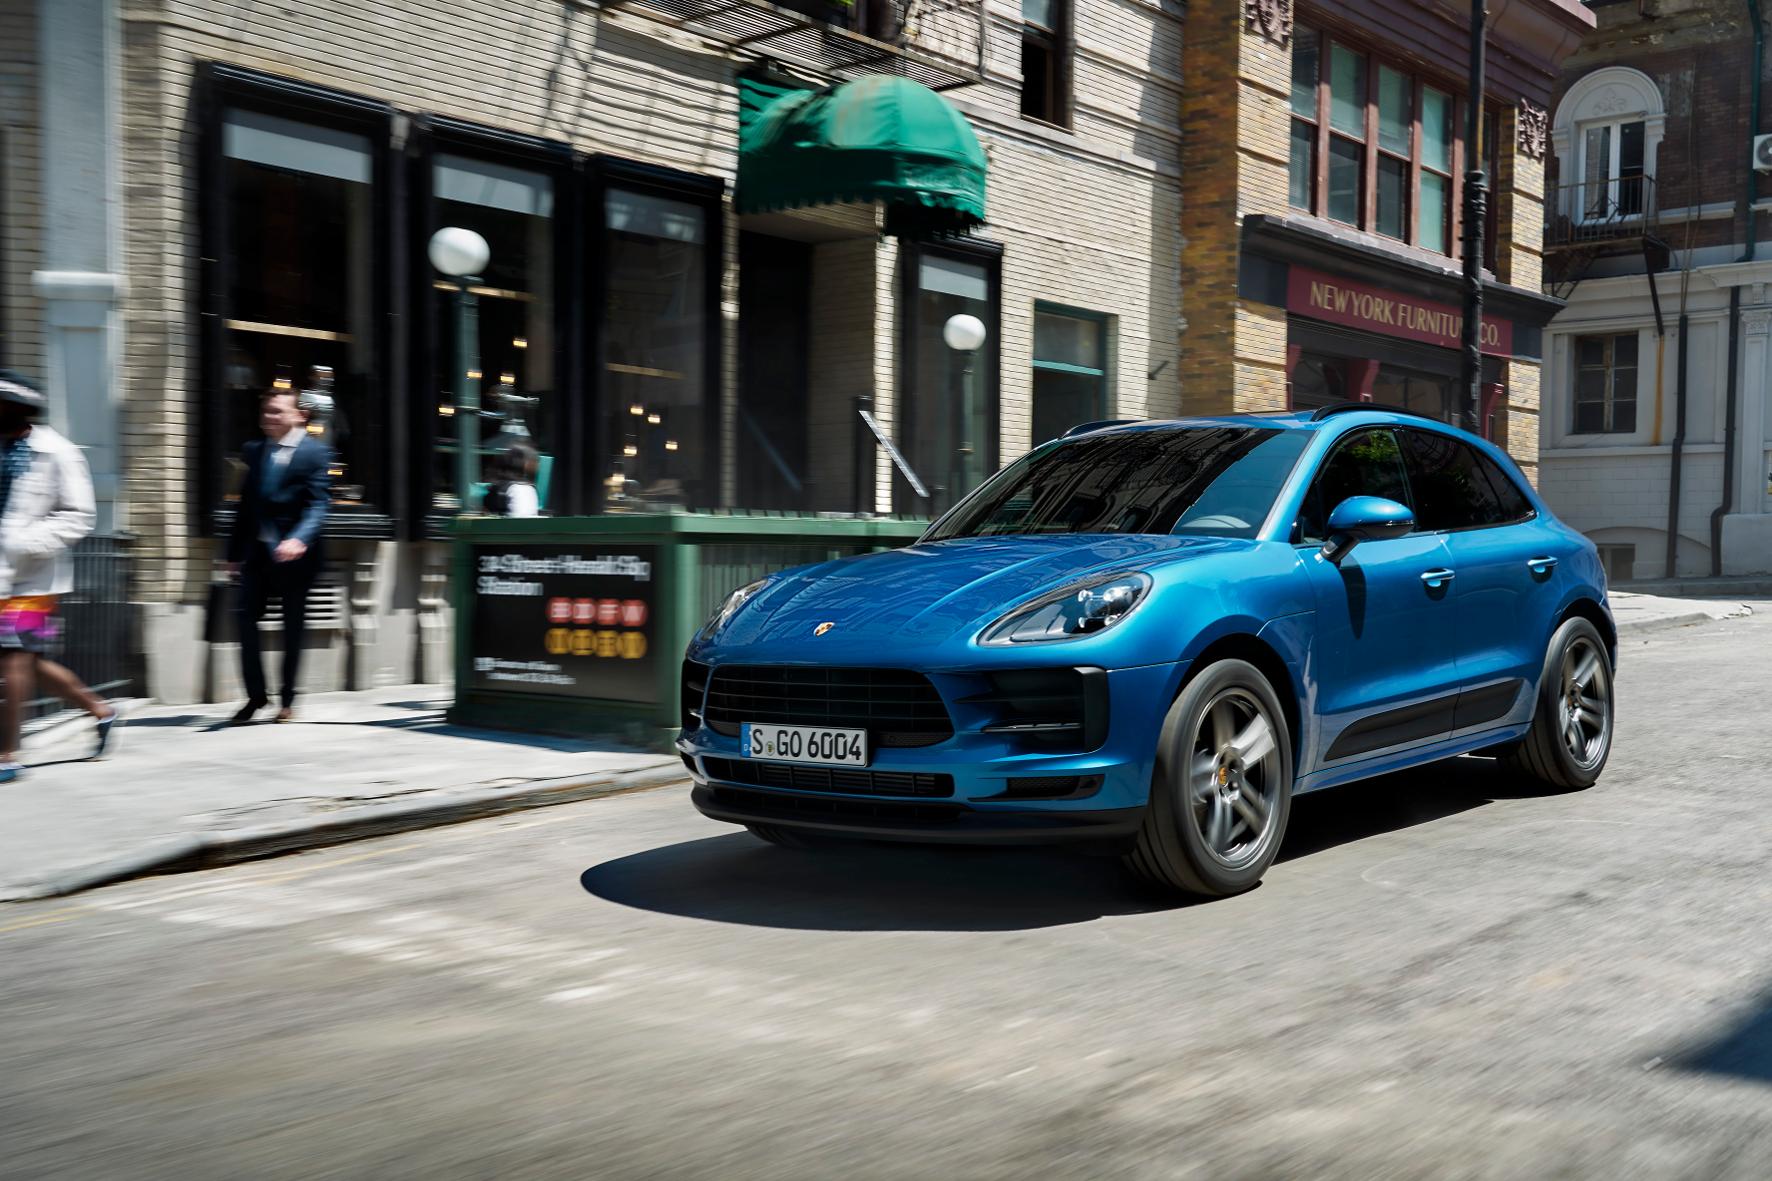 mid Groß-Gerau - Kritiker fordern die Rote Karte für SUVs in den deutschen Innenstädten. Porsche